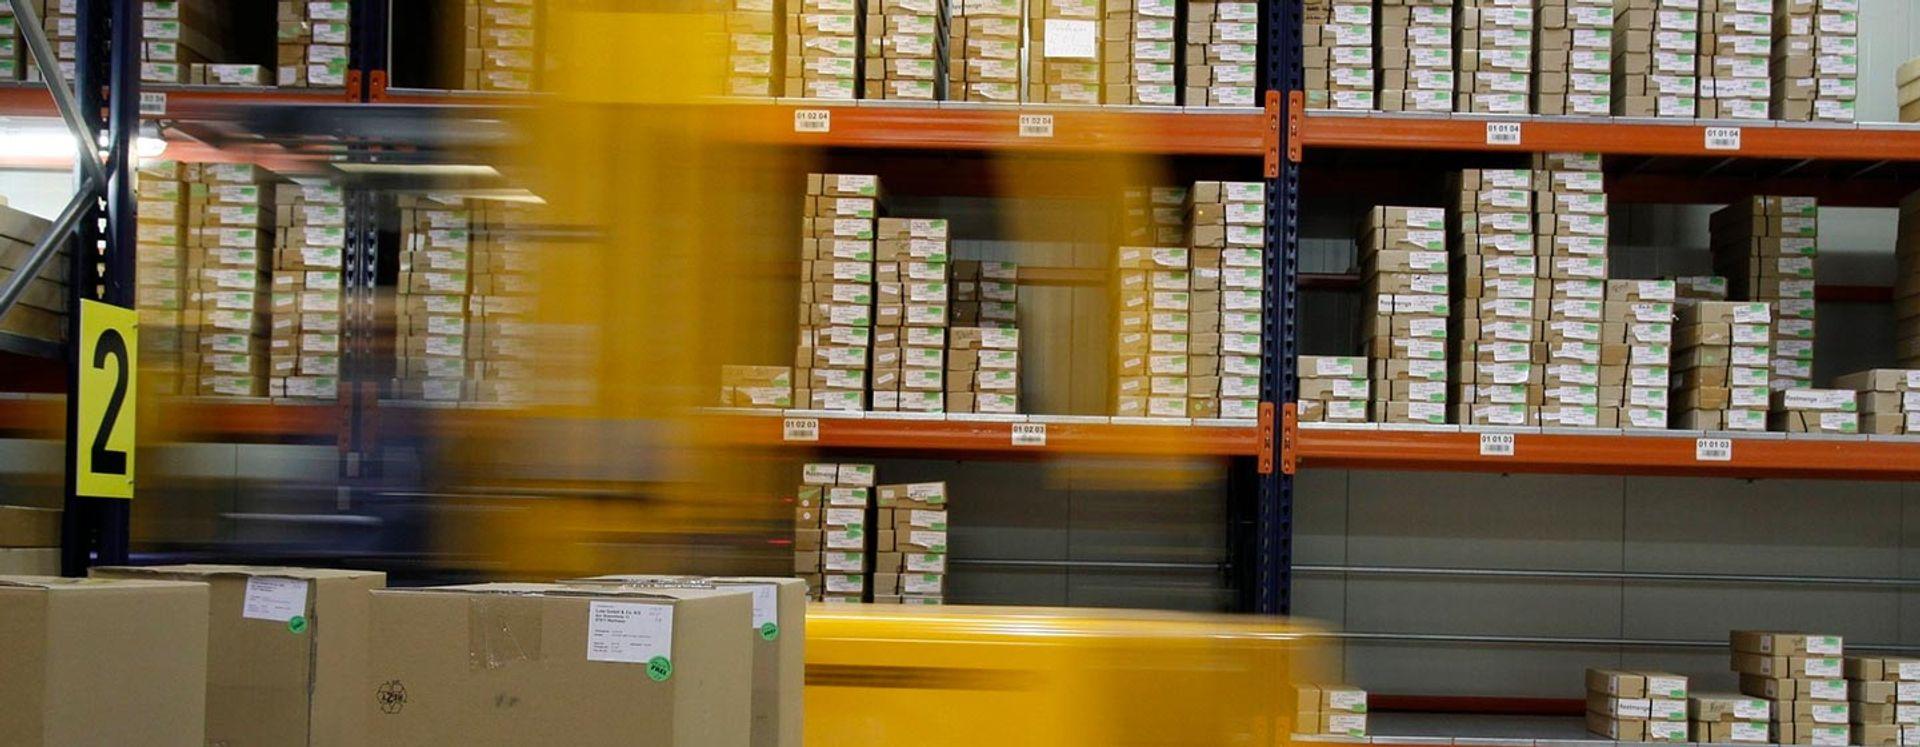 Skadedyrsbekæmpelse for transport, logistik og lager - Det klarer Anticimex